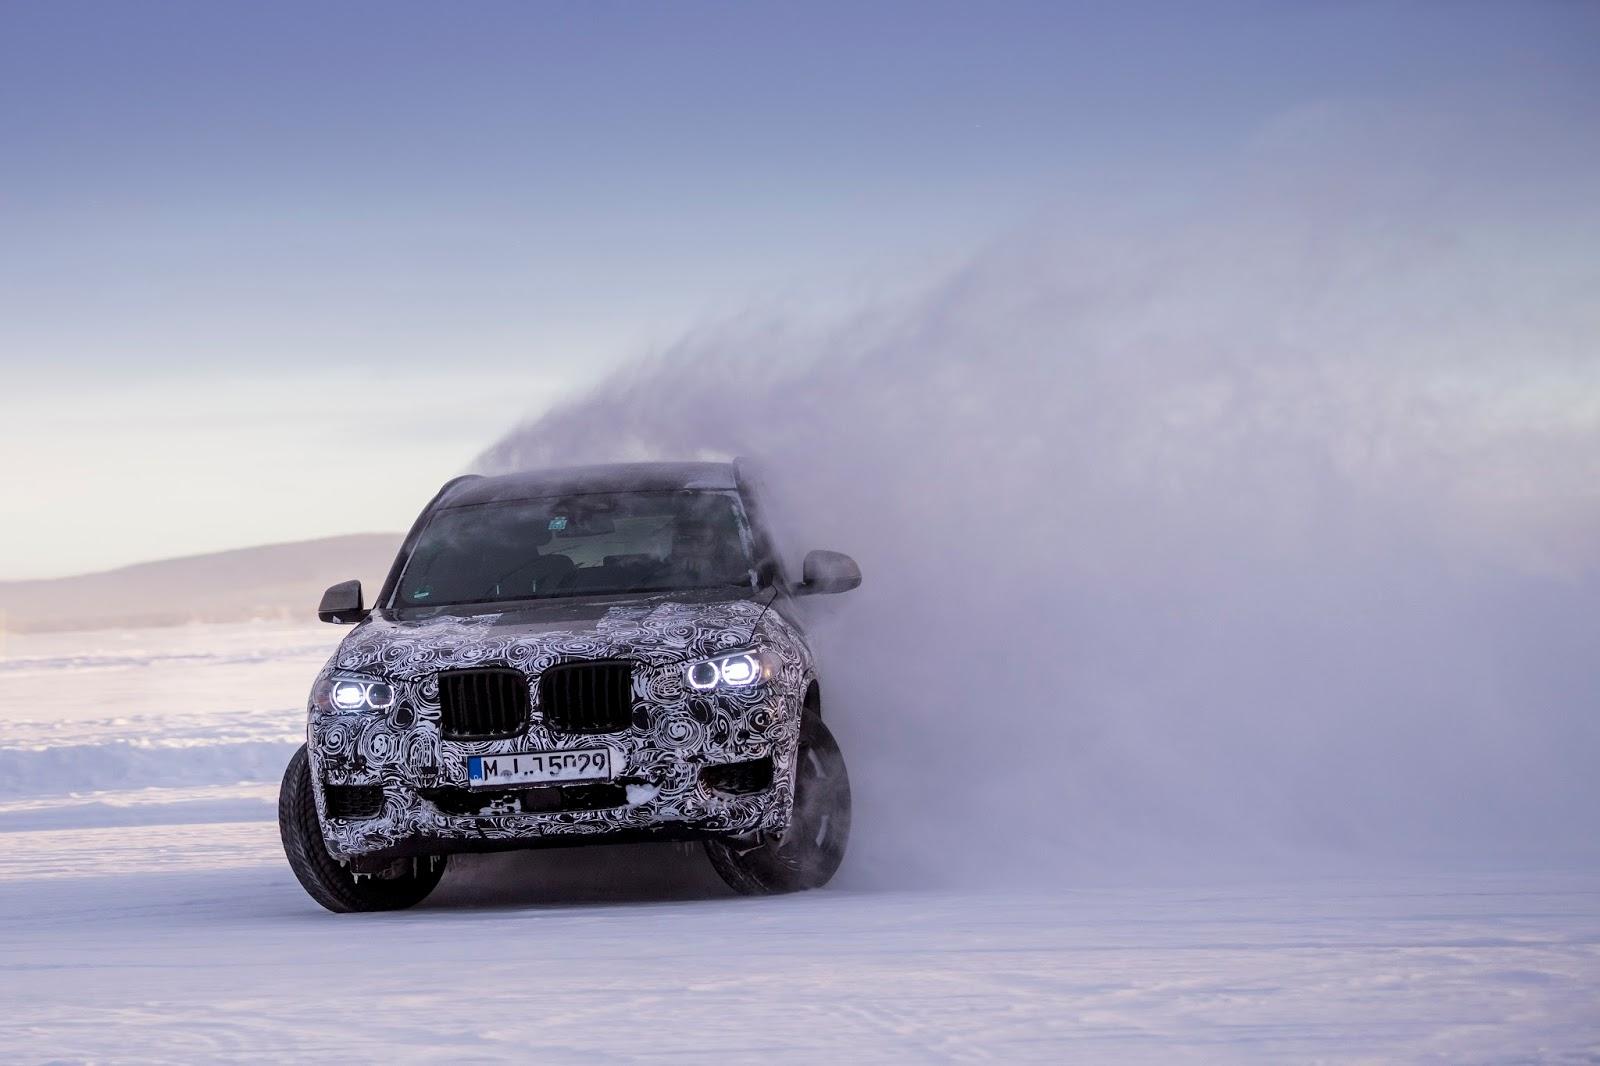 P90249819 highRes the new bmw x3 under Δοκιμές στην παγωμένη Βόρεια Σουηδία, για την επερχόμενη BMW X3 BMW, BMW X, BMW X3, SUV, videos